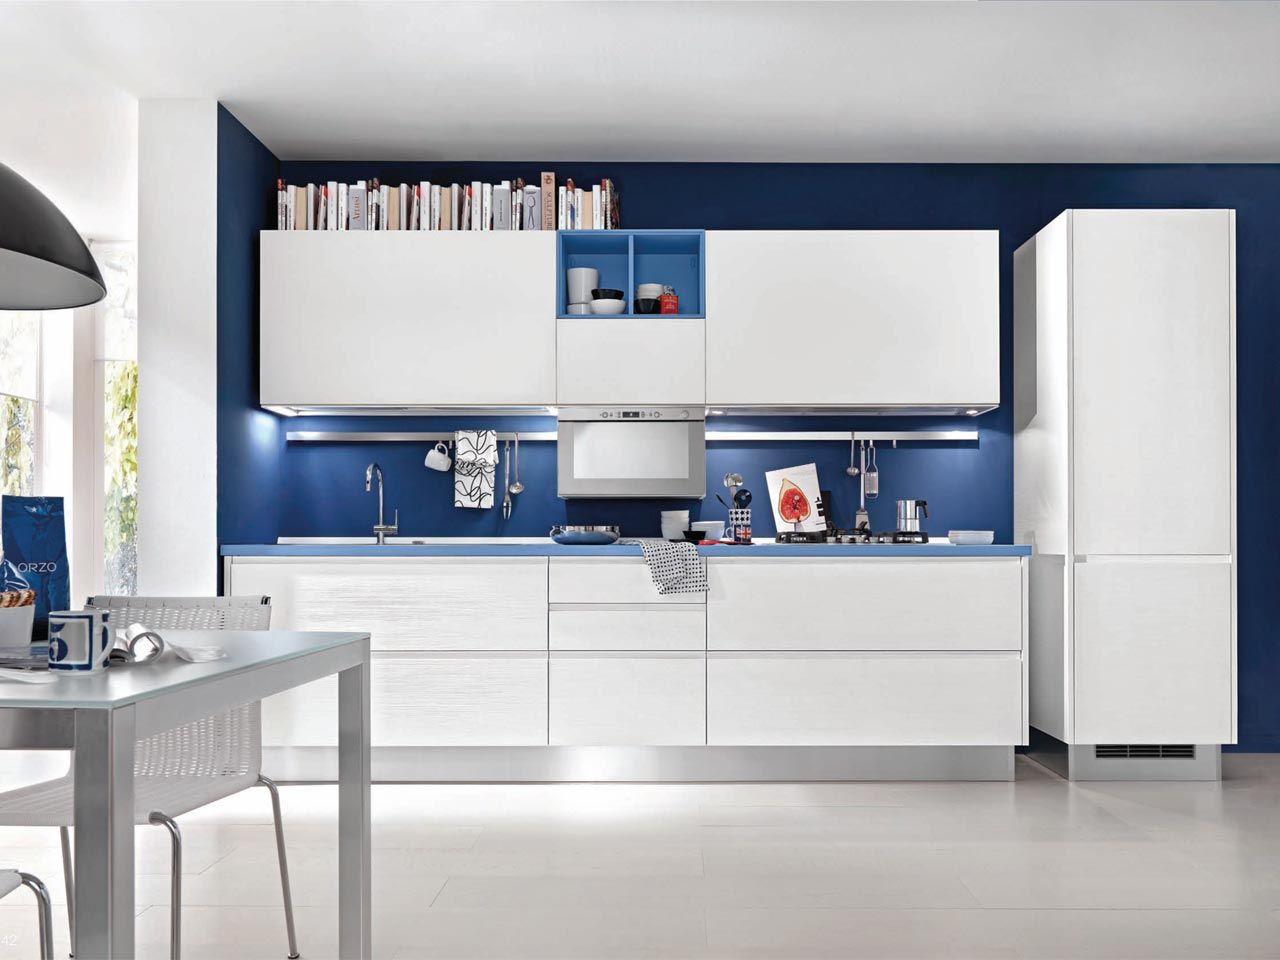 B3 | Kitchen unit By Bulthaup